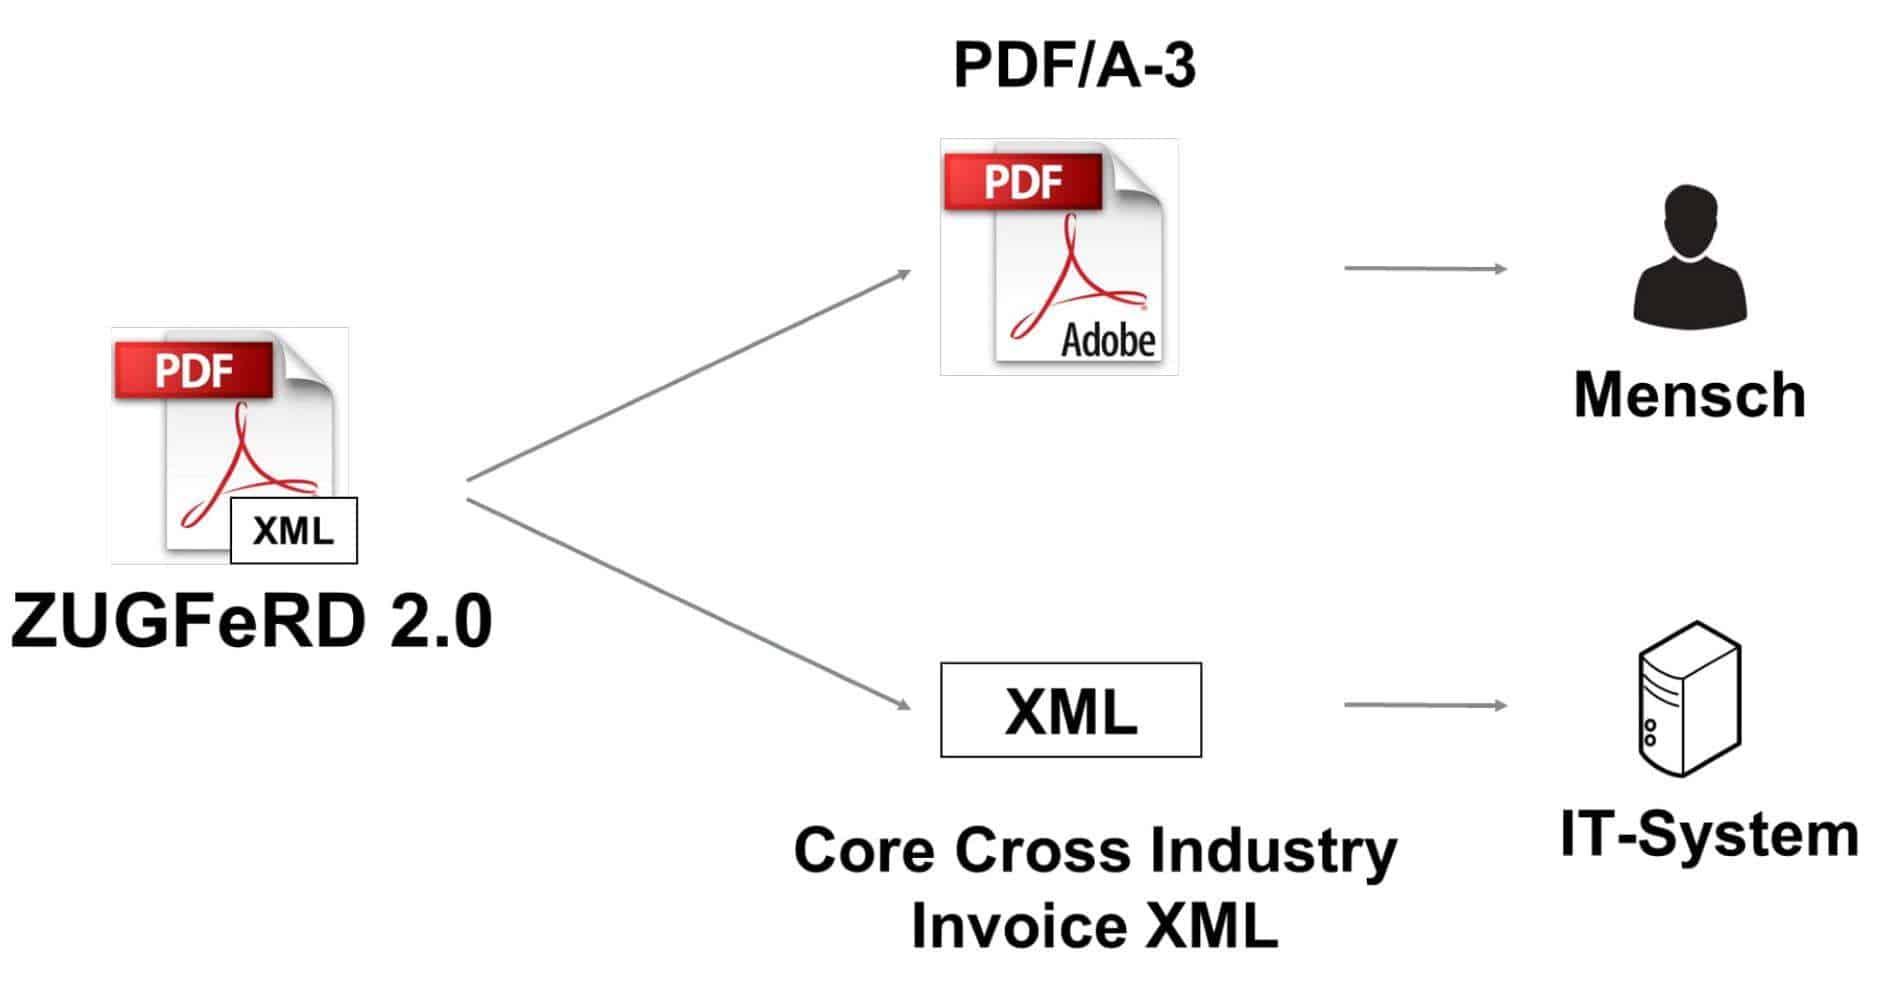 Grundlegende Bestandteile einer ZUGFeRD-Rechnung sind das PDF und das darin eingebettete XML.